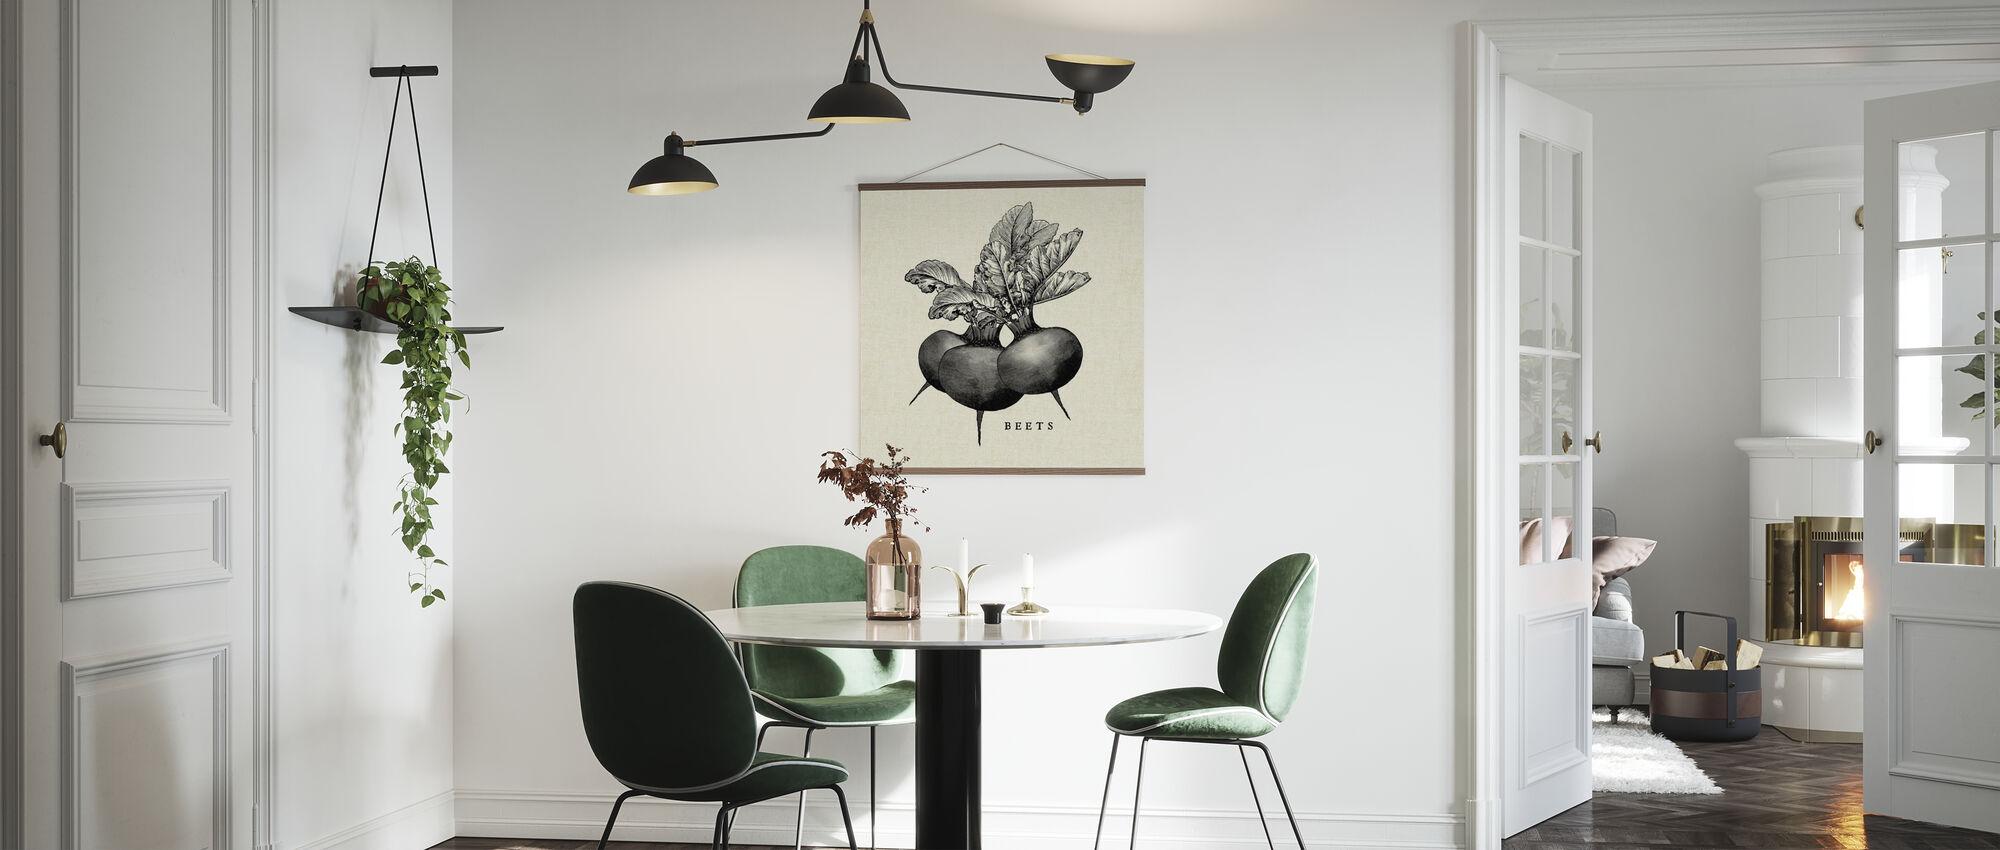 Keuken Illustratie - Bieten - Poster - Keuken